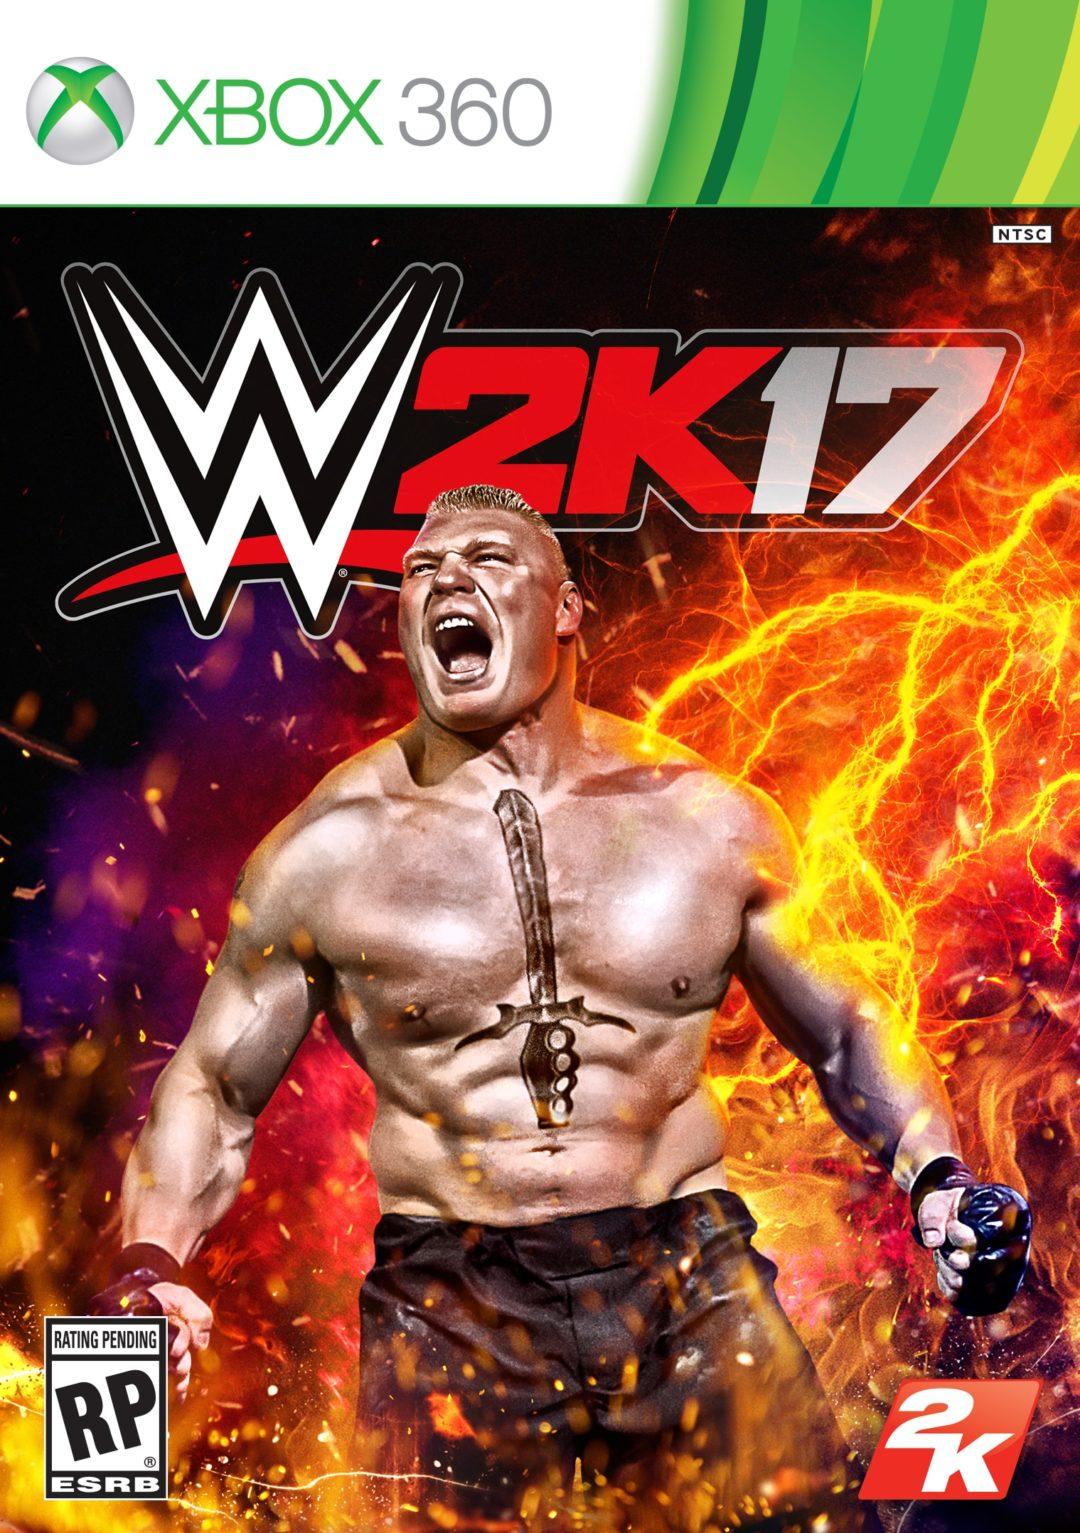 http://www.sportsgamersonline.com/wp-content/uploads/2016/06/2KSMKT_WWE2K17_X360_FOB.jpg